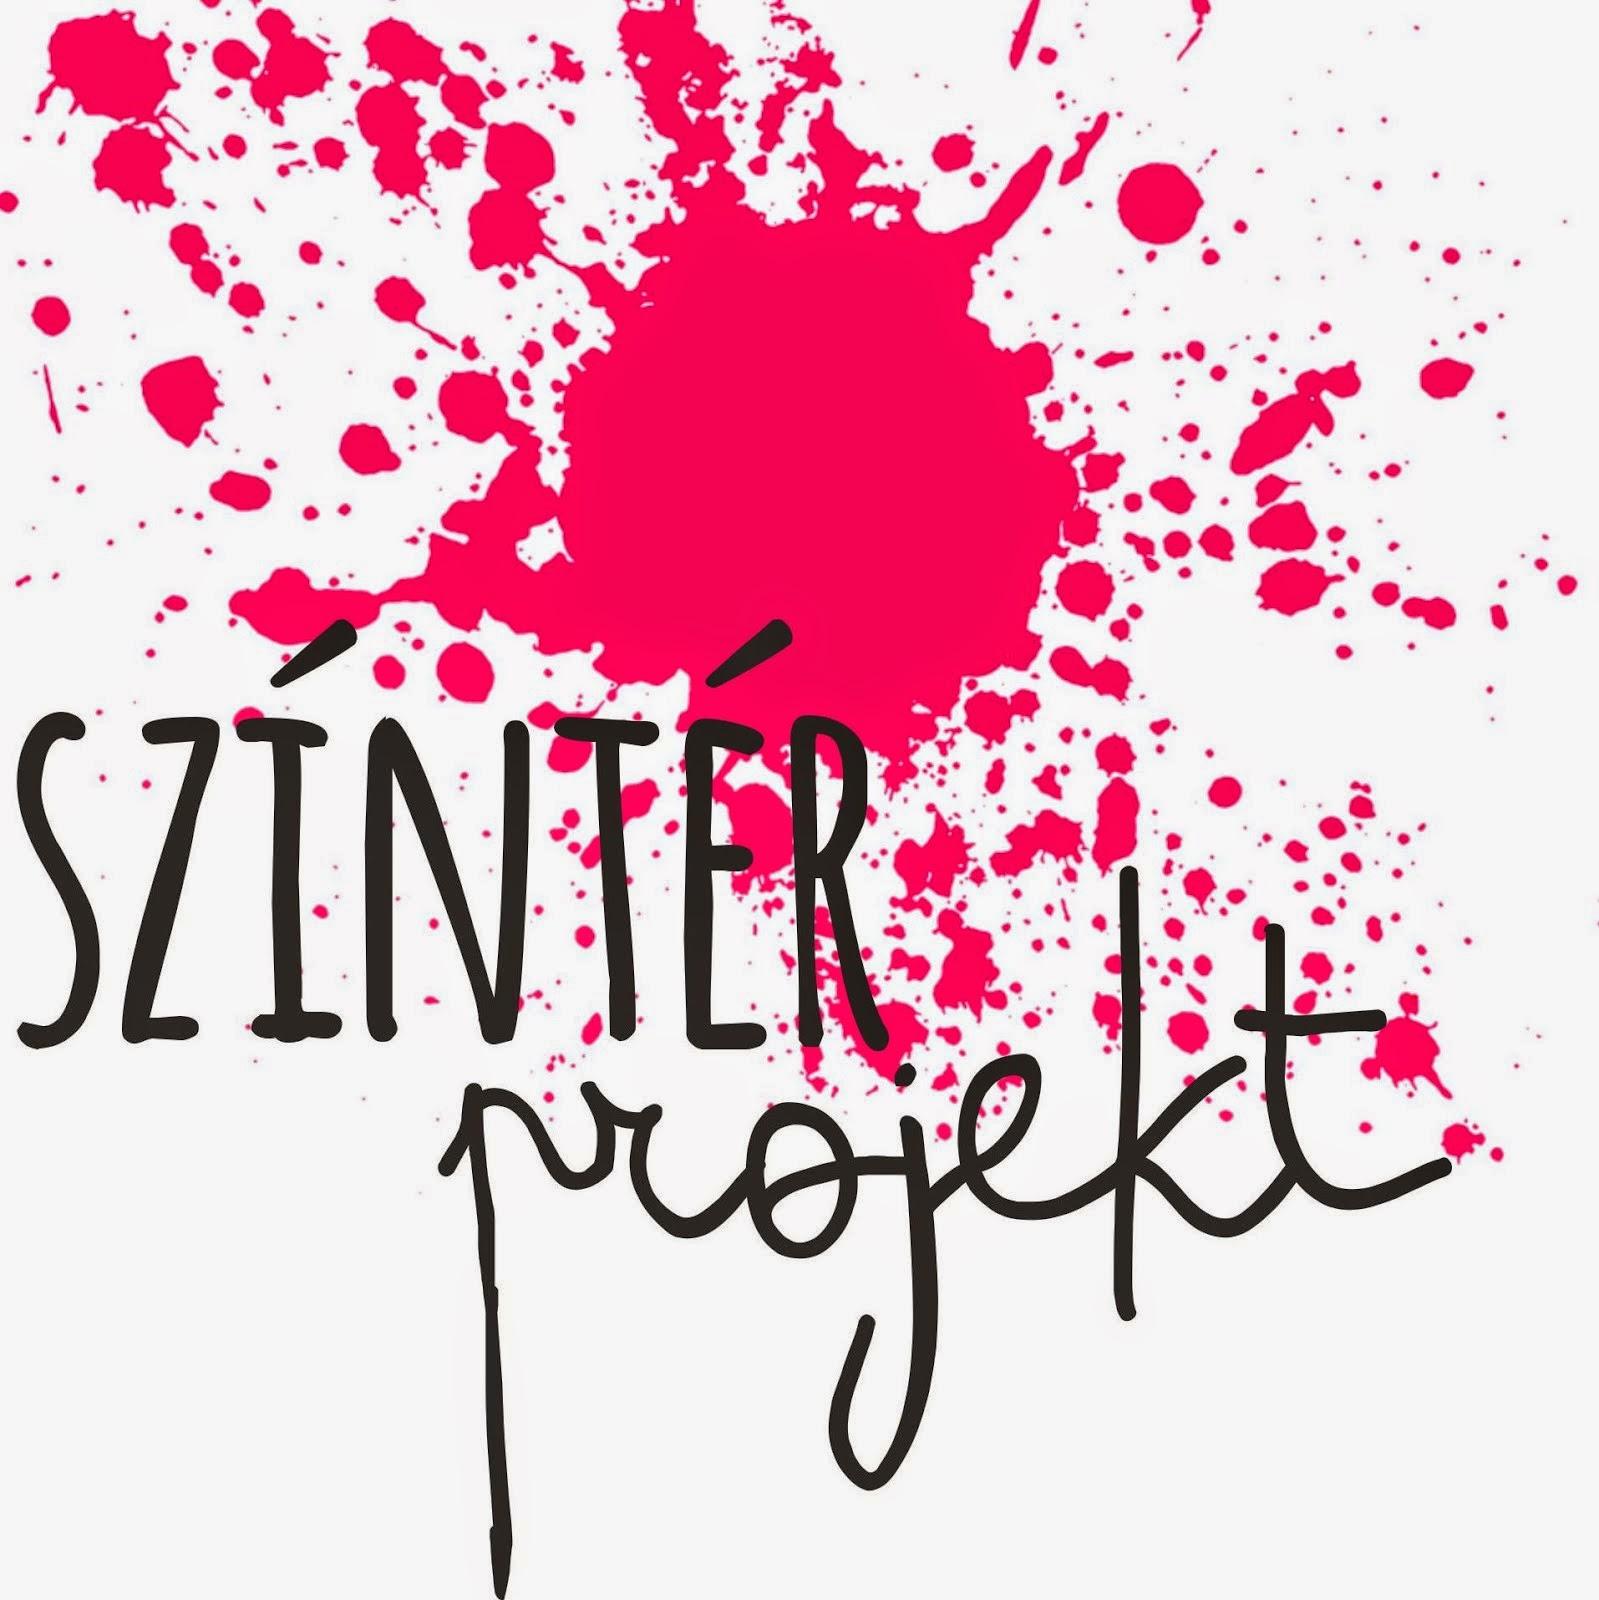 Színtér projekt